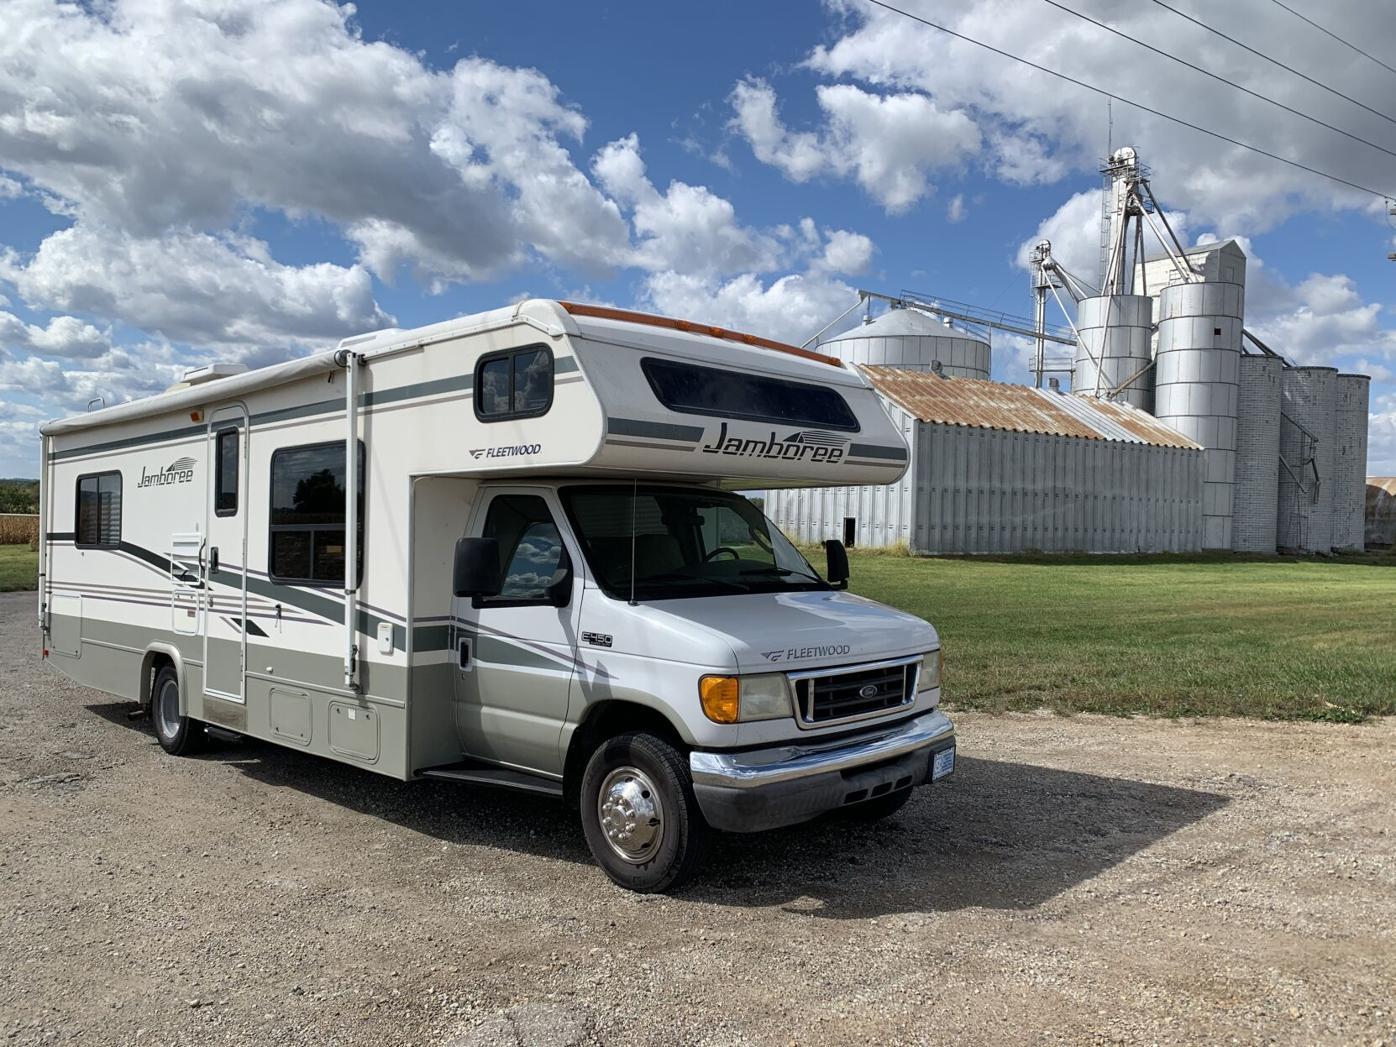 Michelle Fishburne and her RV in Nebraska